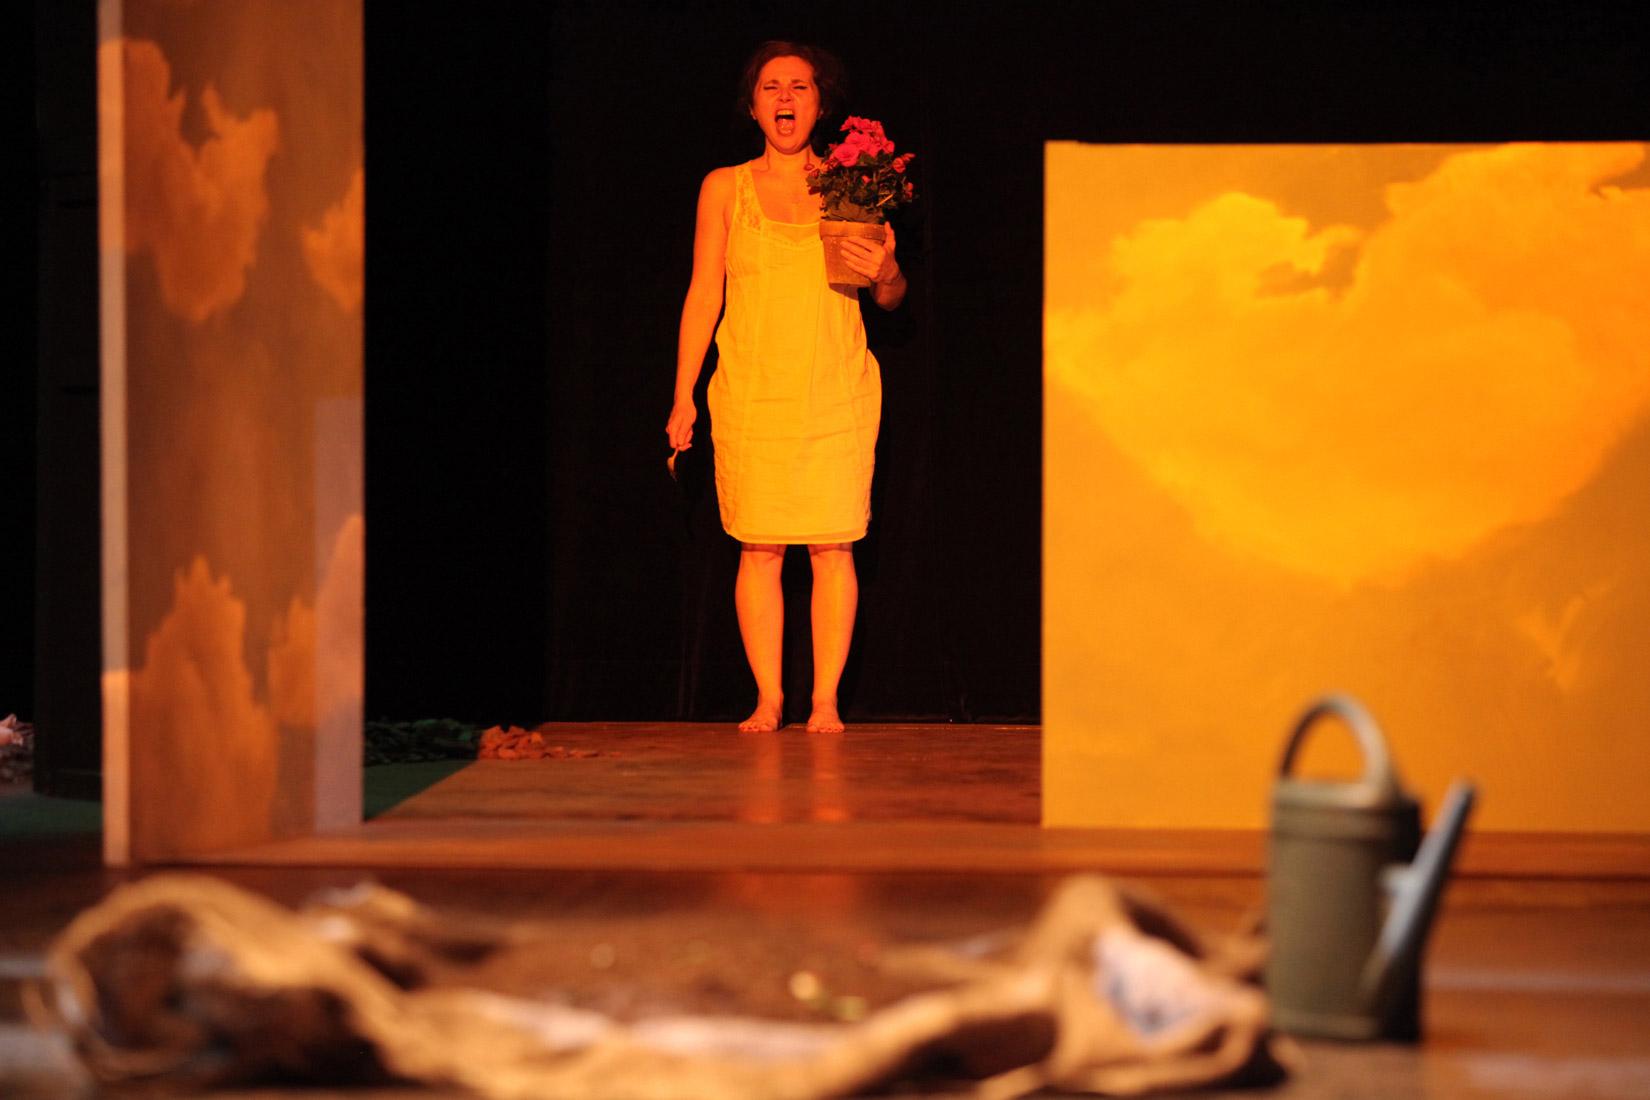 28b2013_TheatreDeLaRemise_Ciseaux